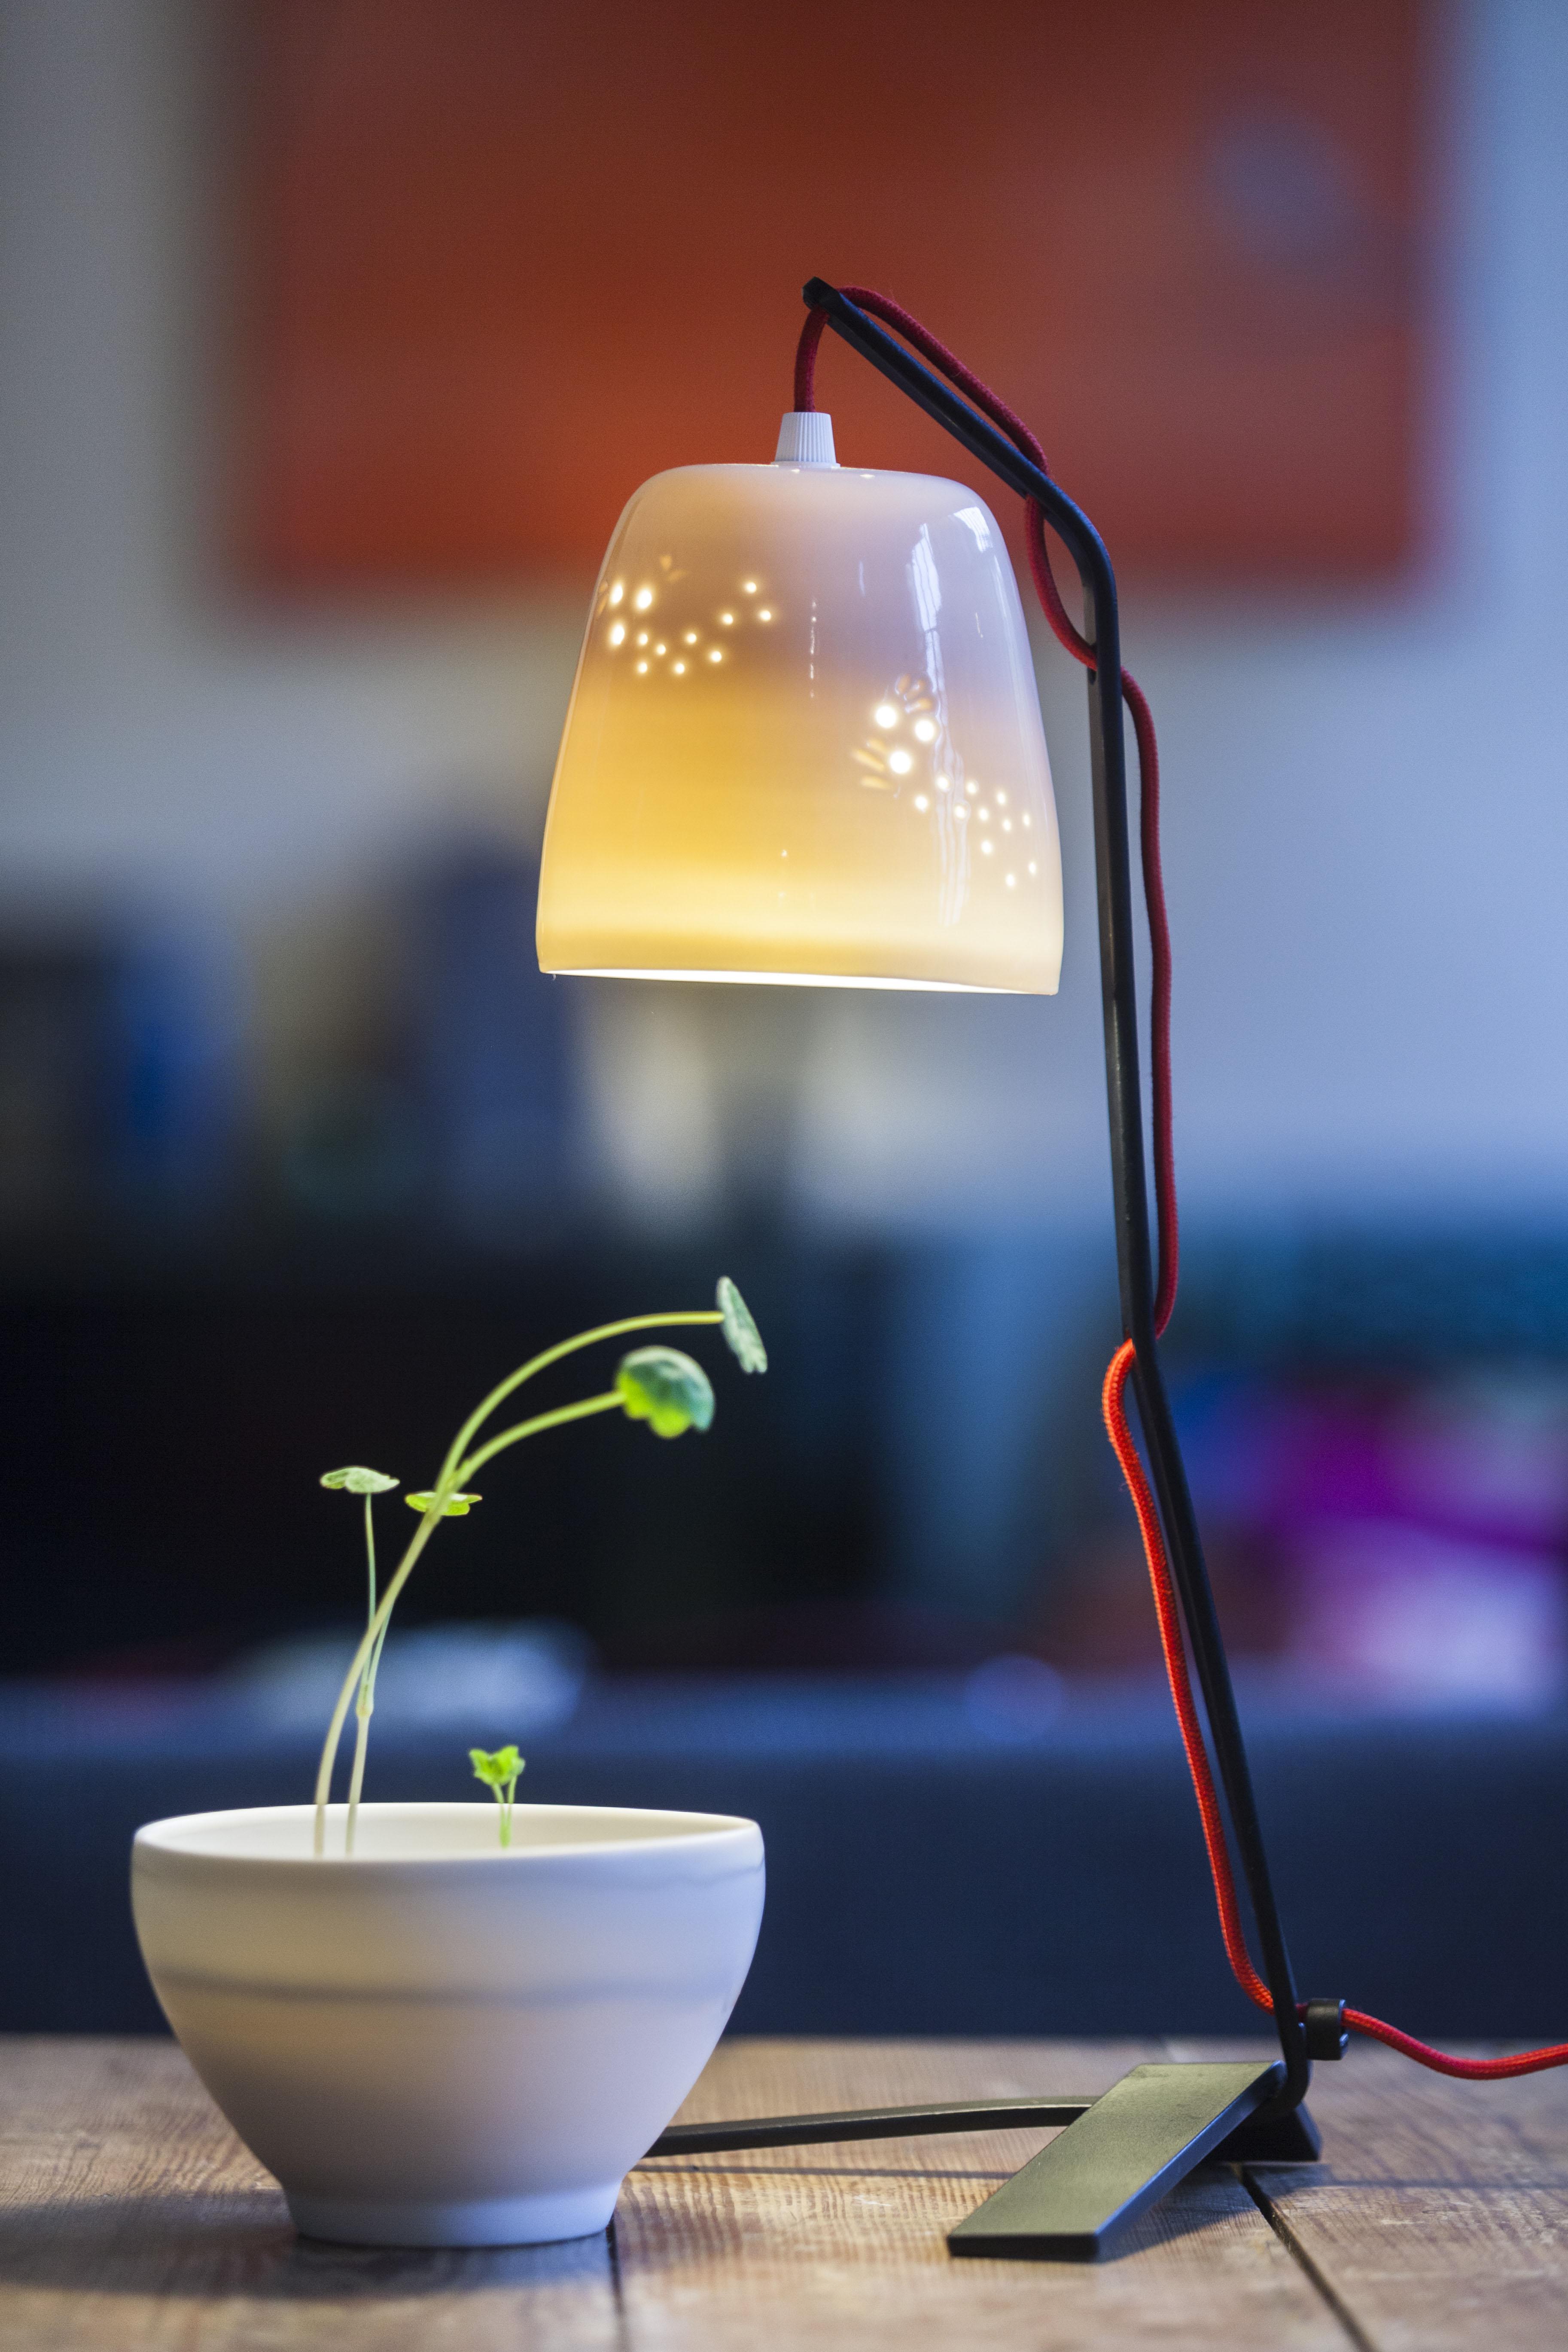 Lampe By Ann&Xav